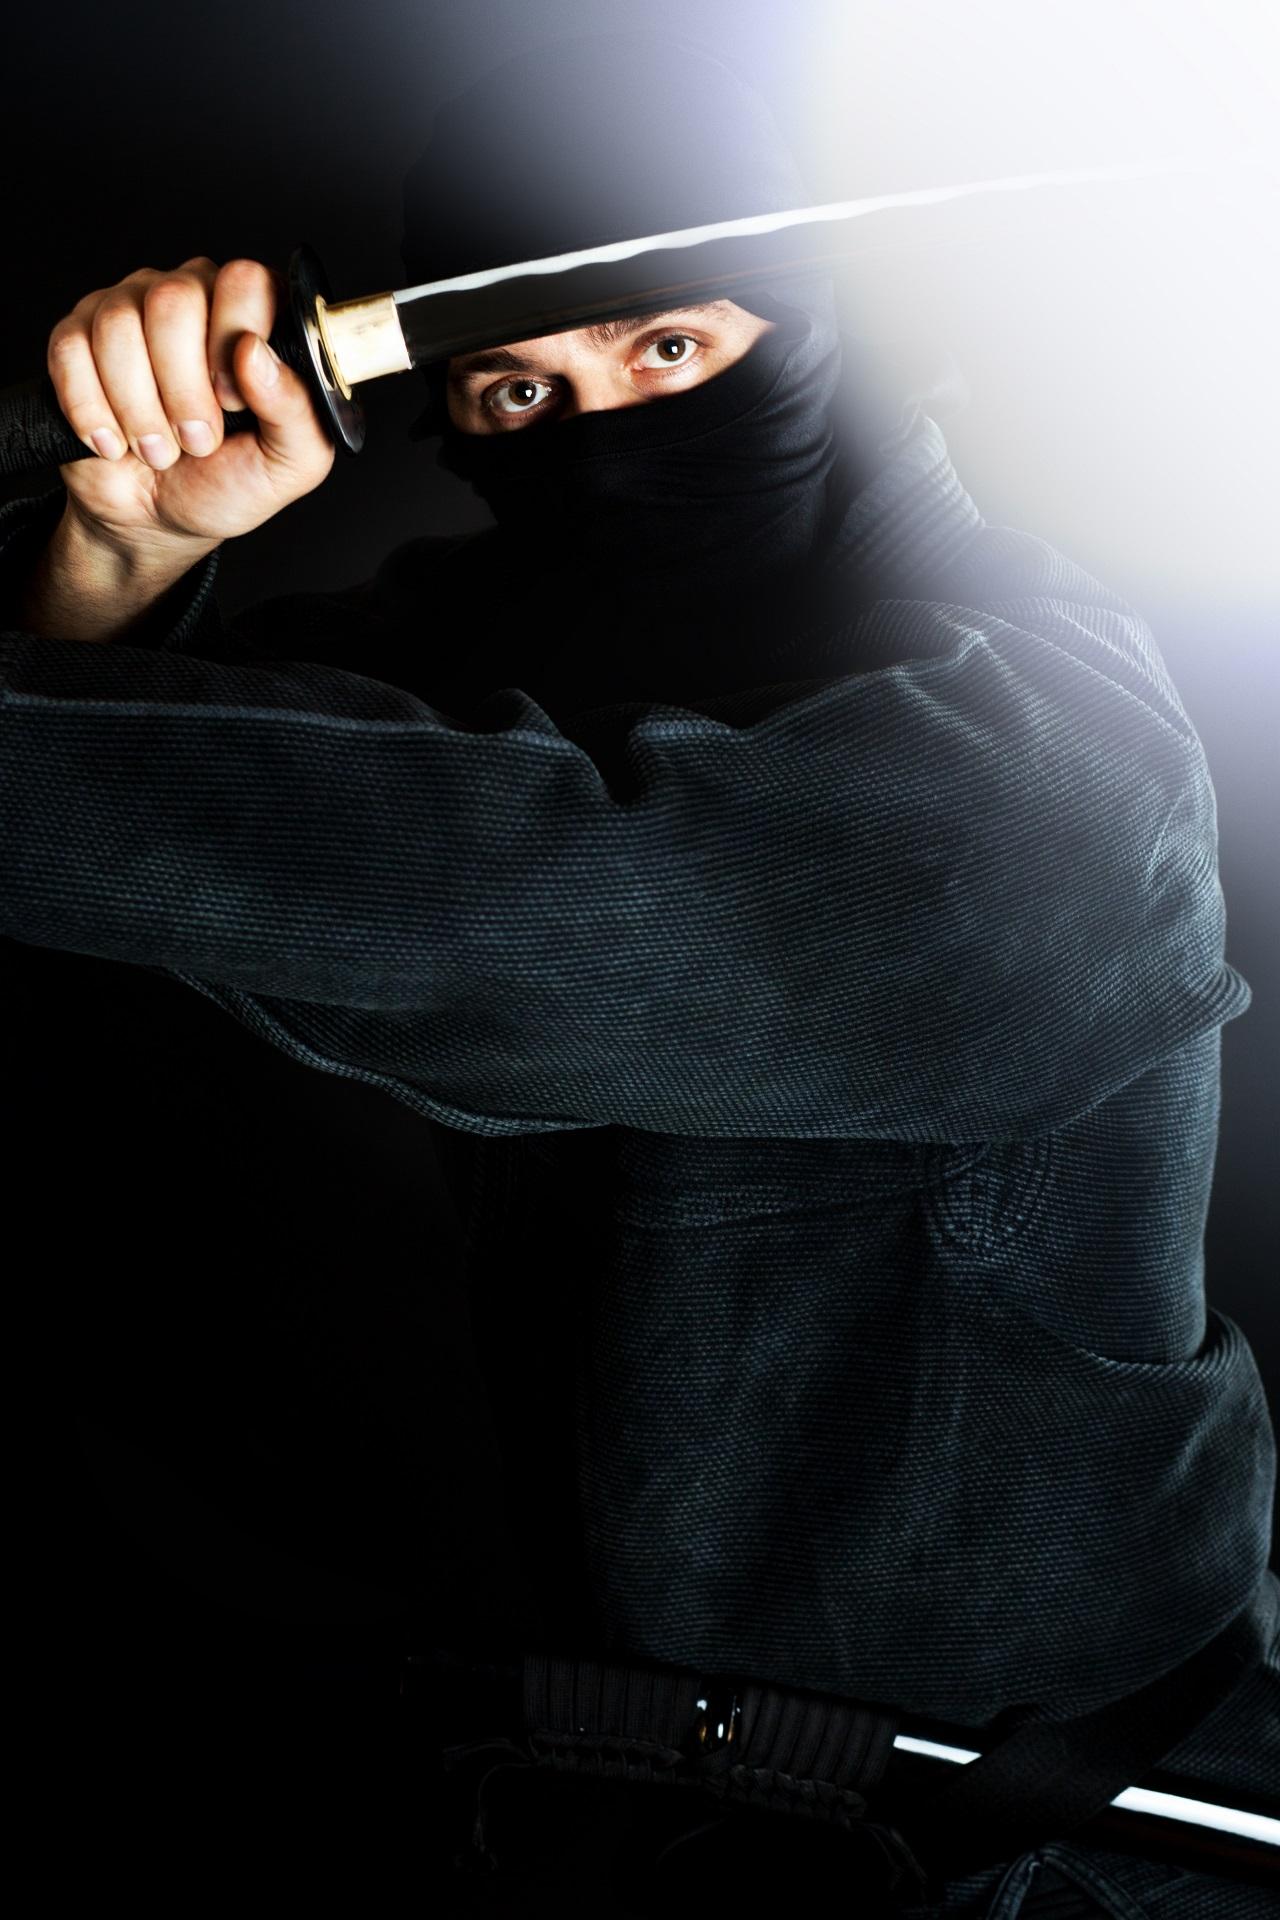 Ниндзя злые или добрые, Военная хитрость и оружие ниндзя, Как убивали своих жертв настоящие ниндзя, Потомственные и профессиональные ниндзя,